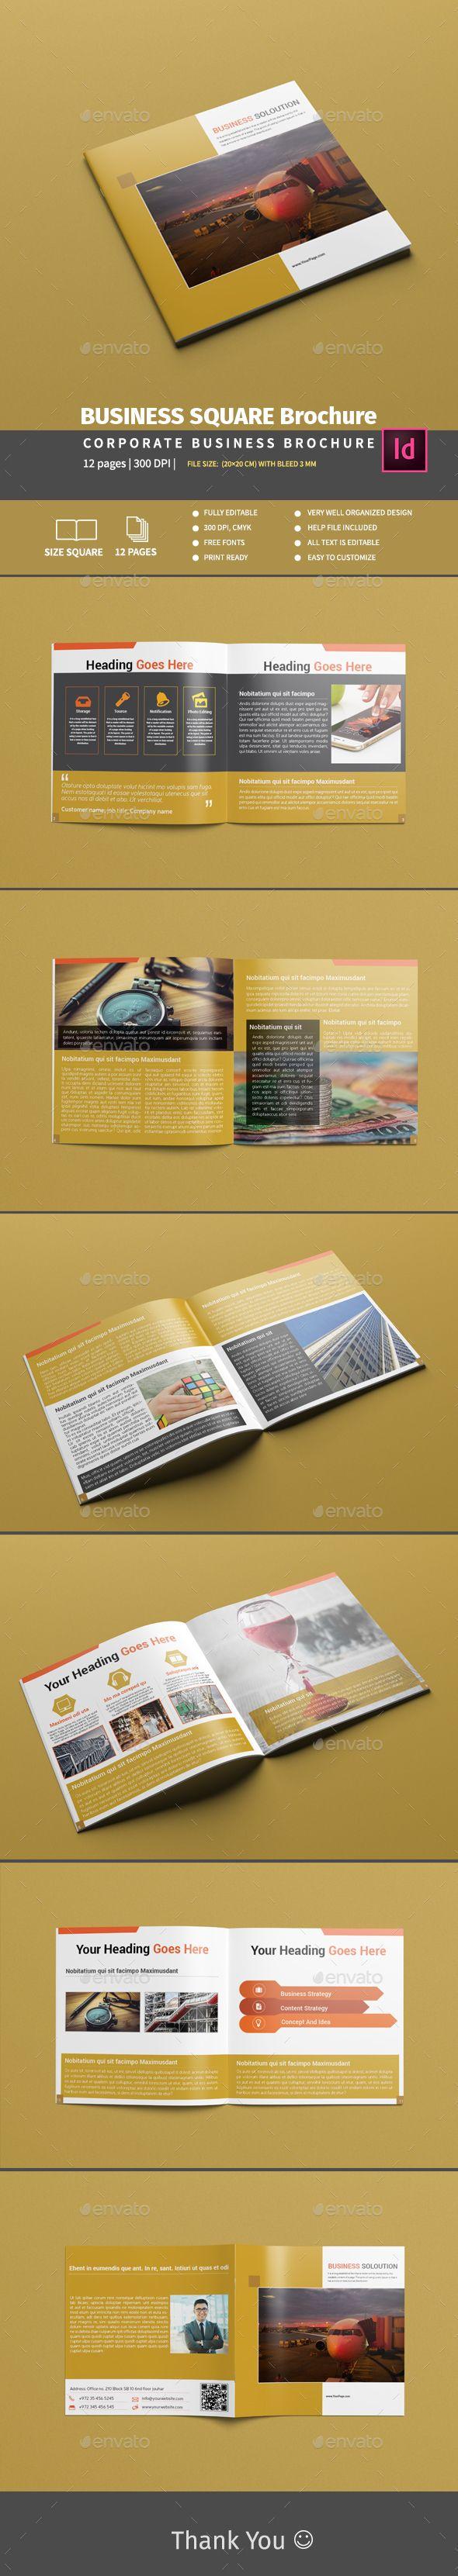 BUSINESS SQUARE Brochure | Kalender und Gestalten